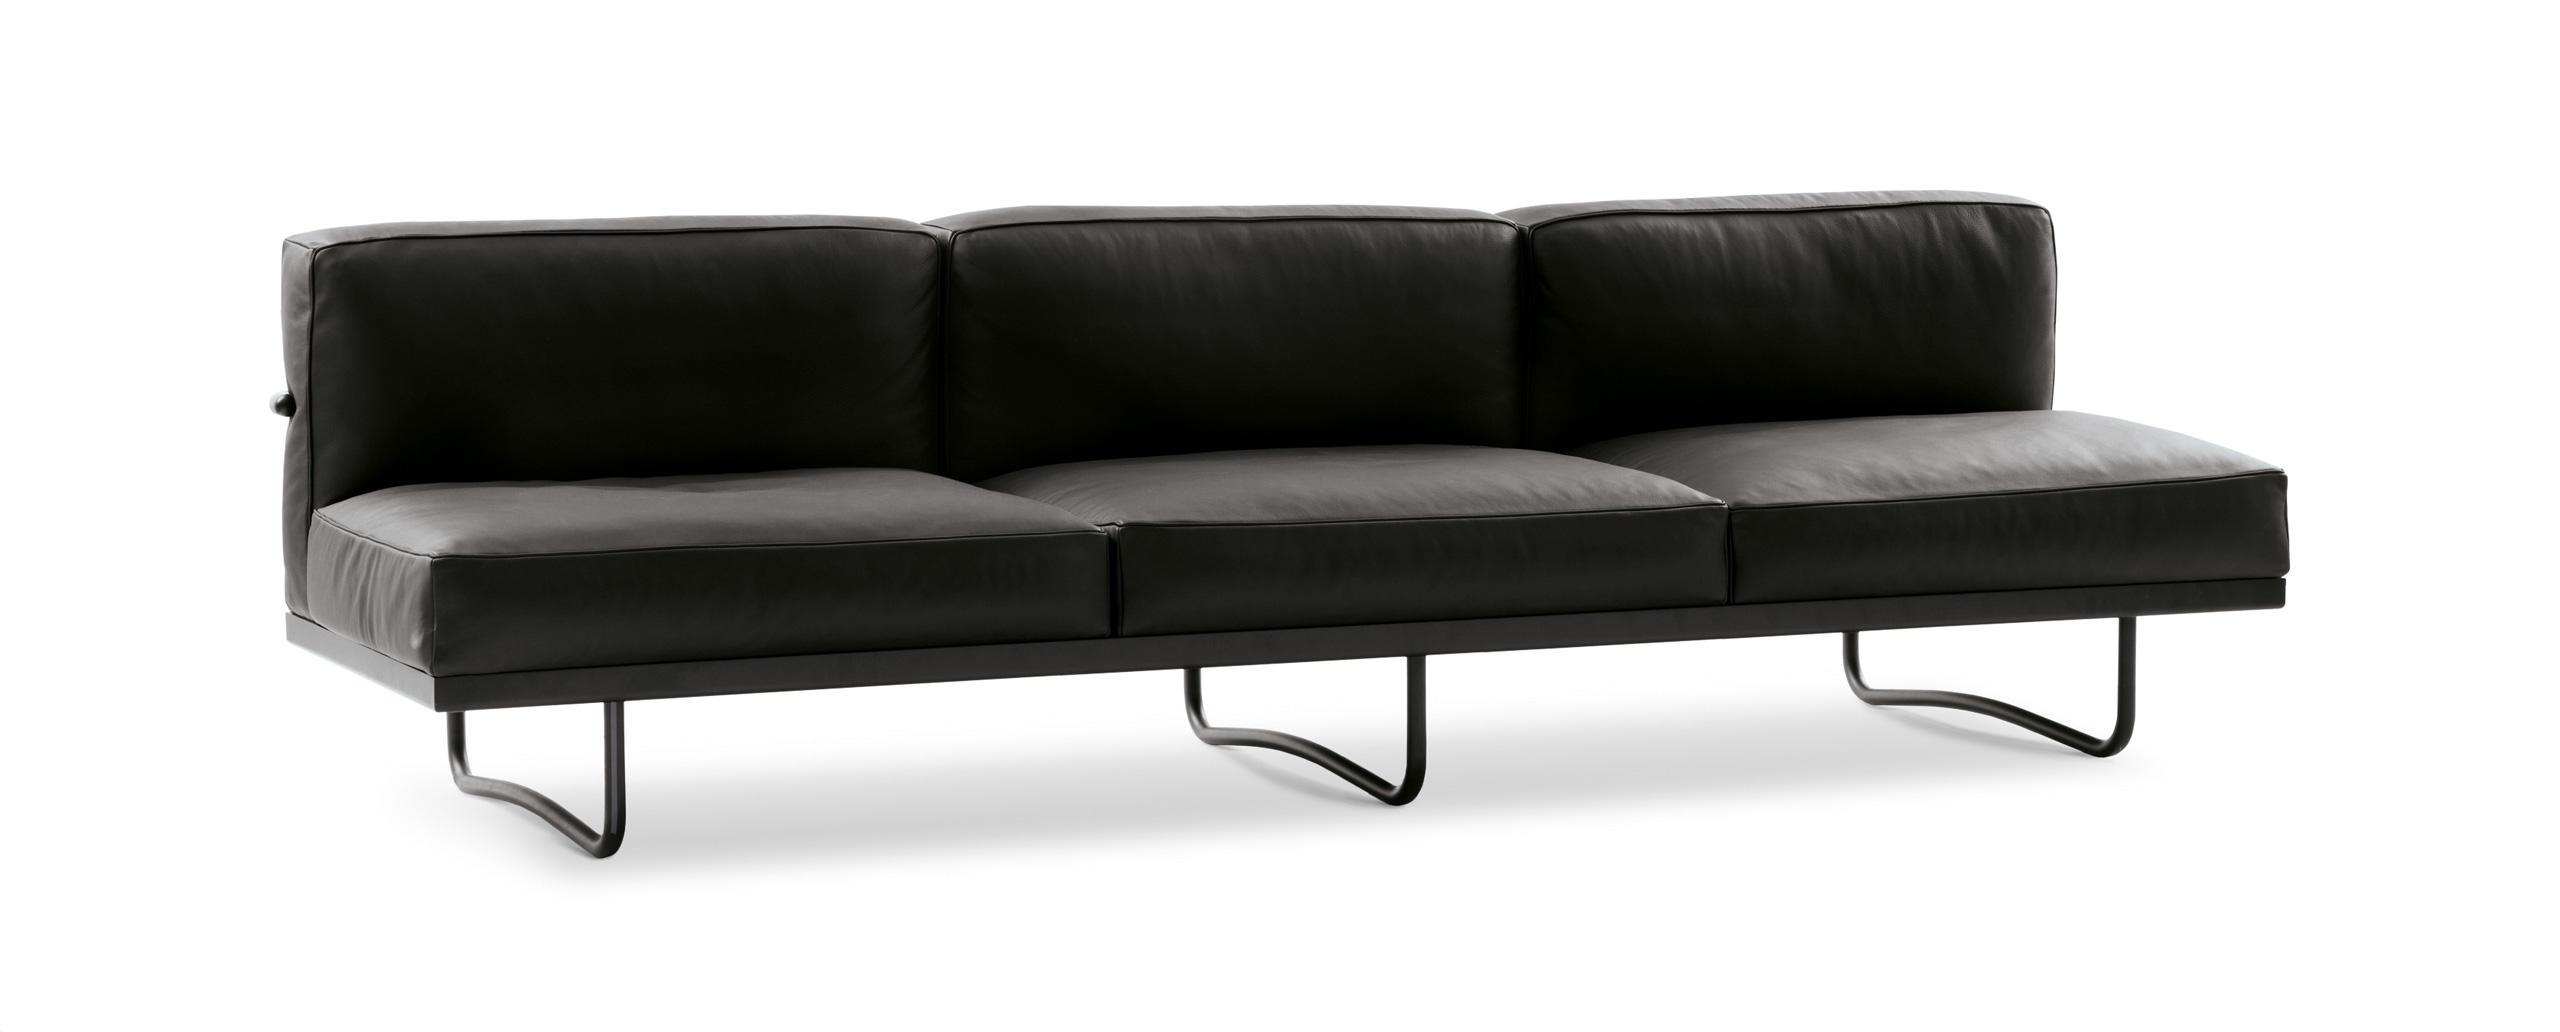 LC5 Cassina Le Corbusier